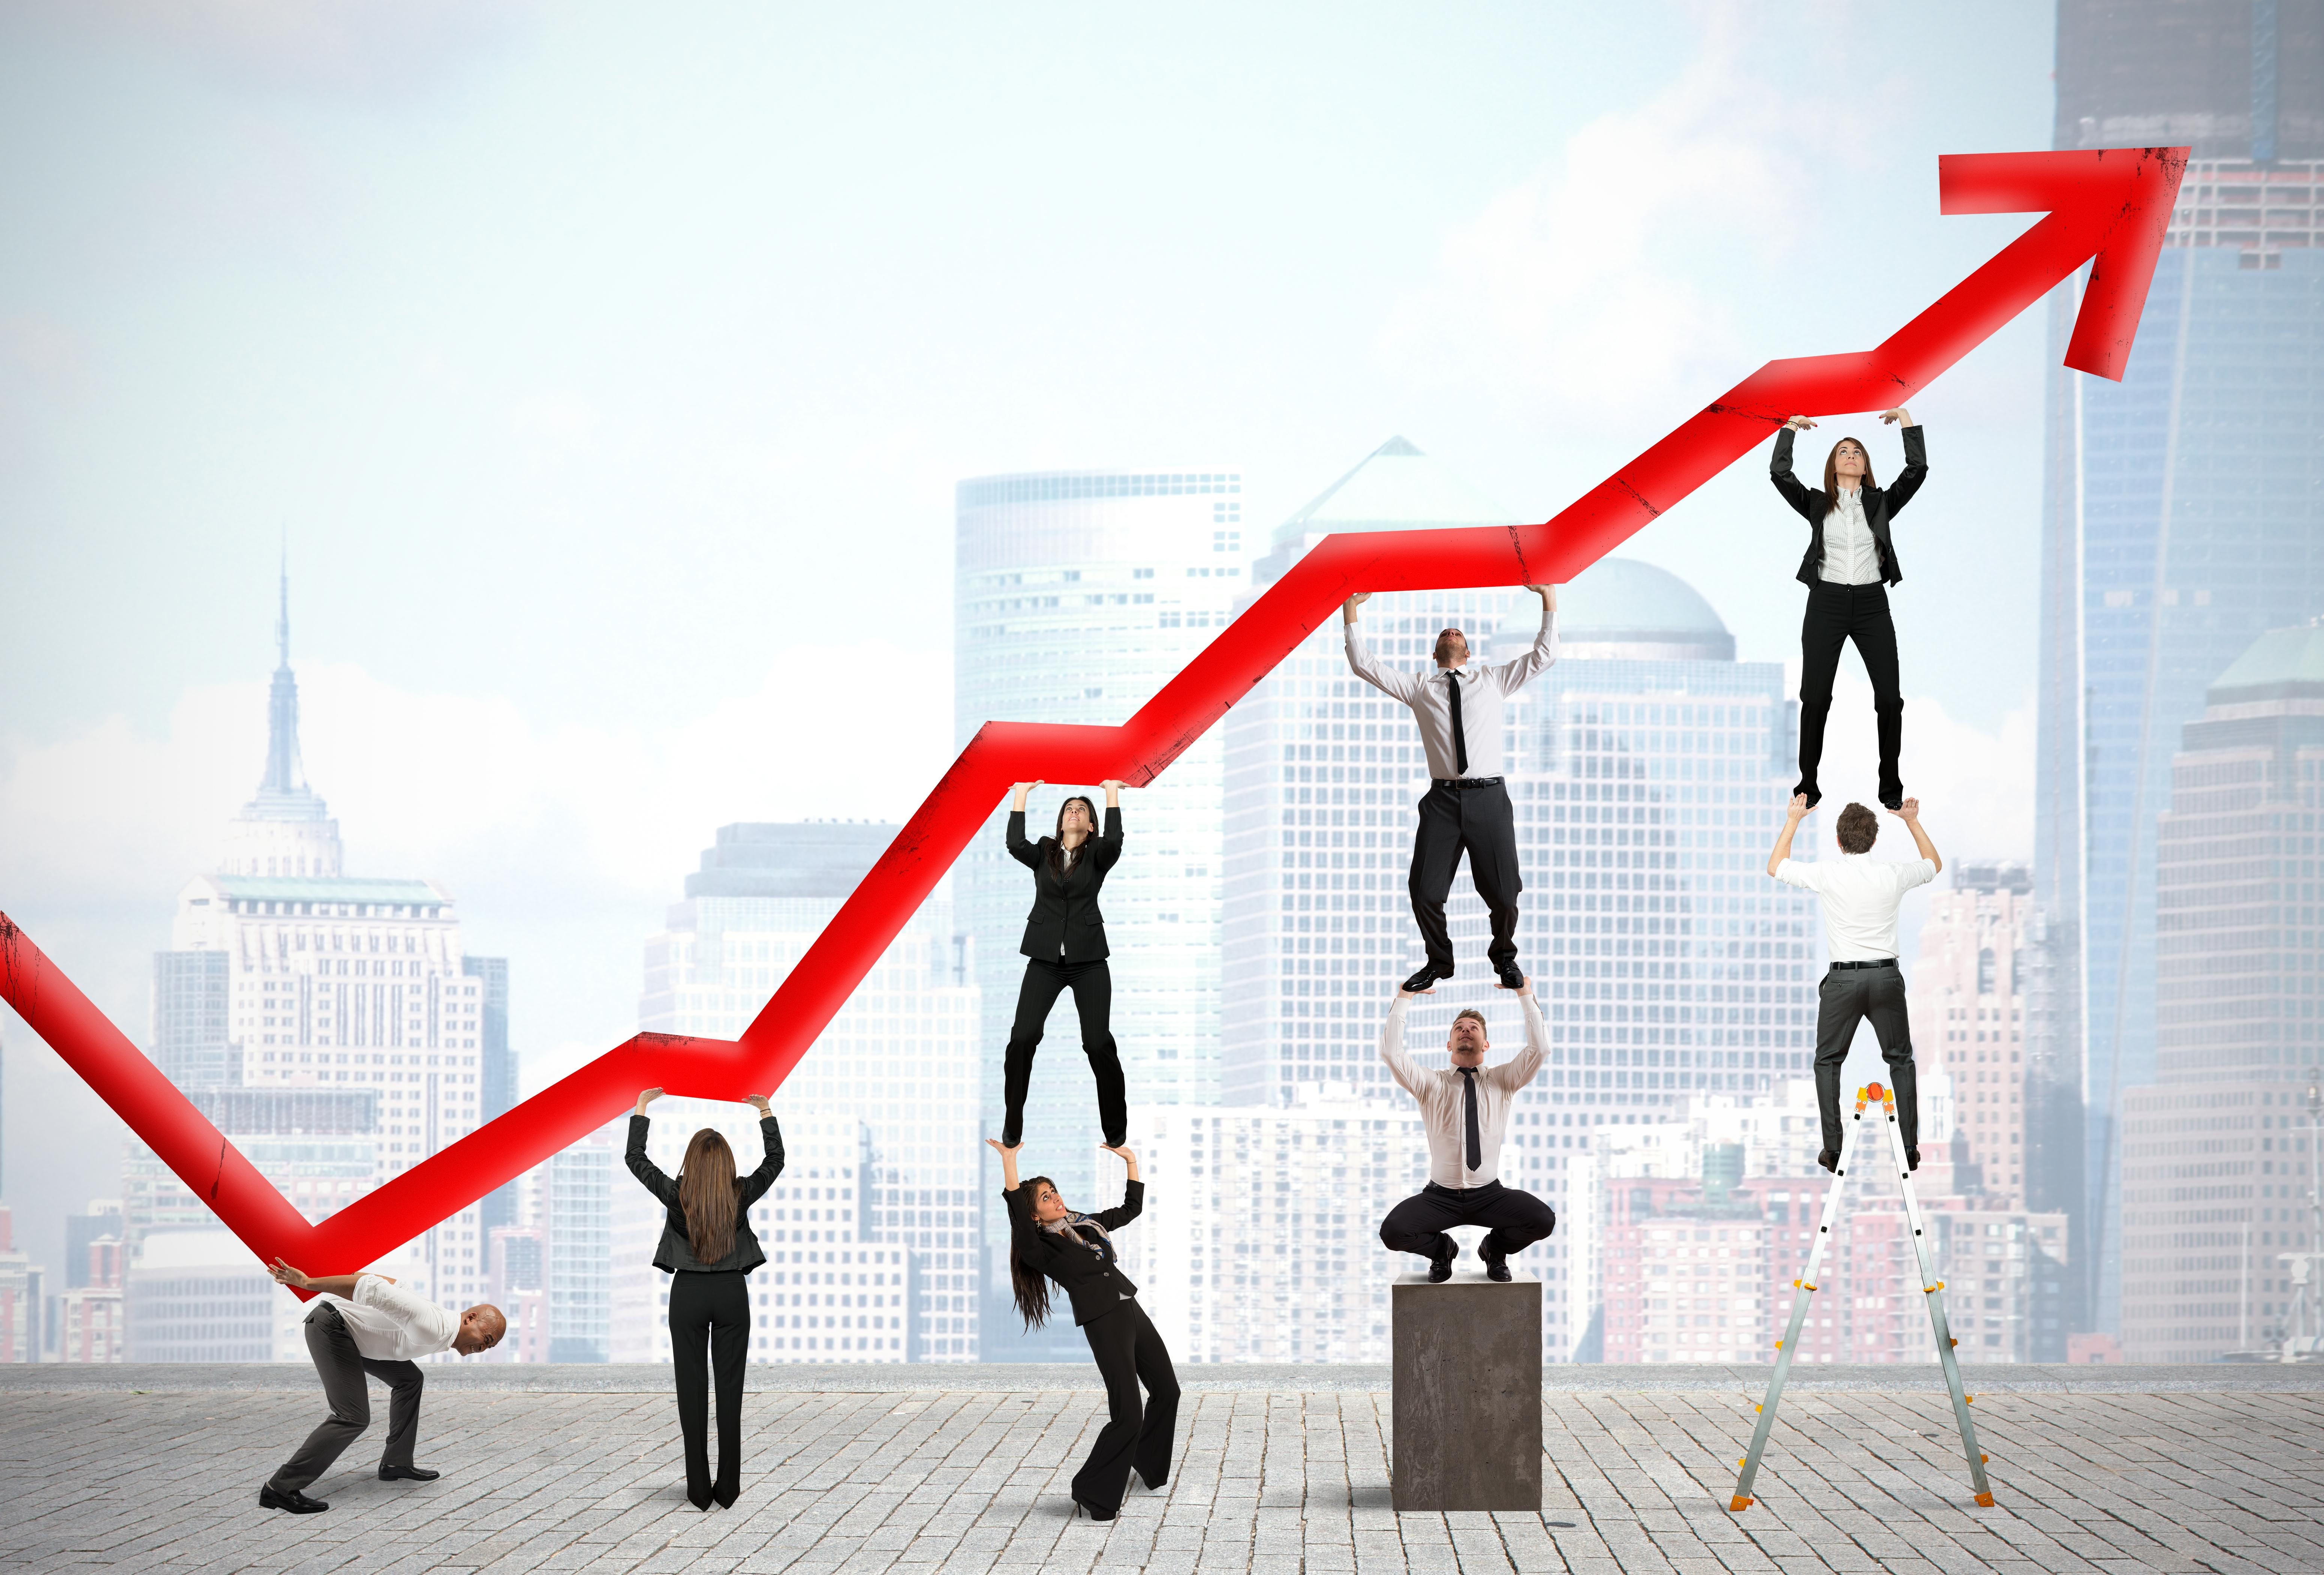 מכירות במיקור חוץ מביא לגידול משמעותי בתוצאות